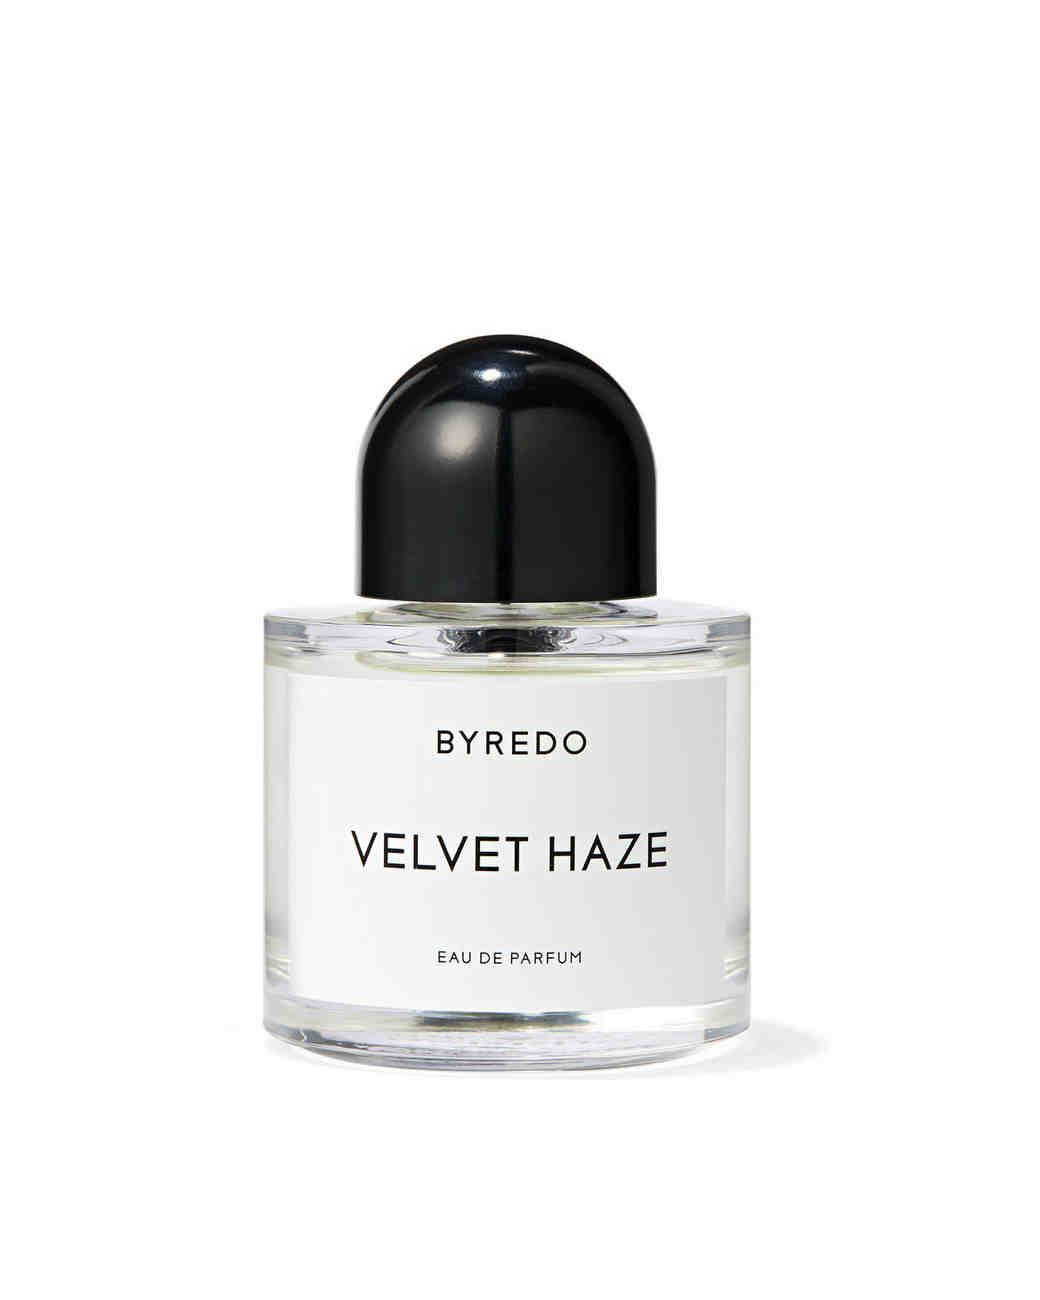 Byredo Velvet Haze Perfume